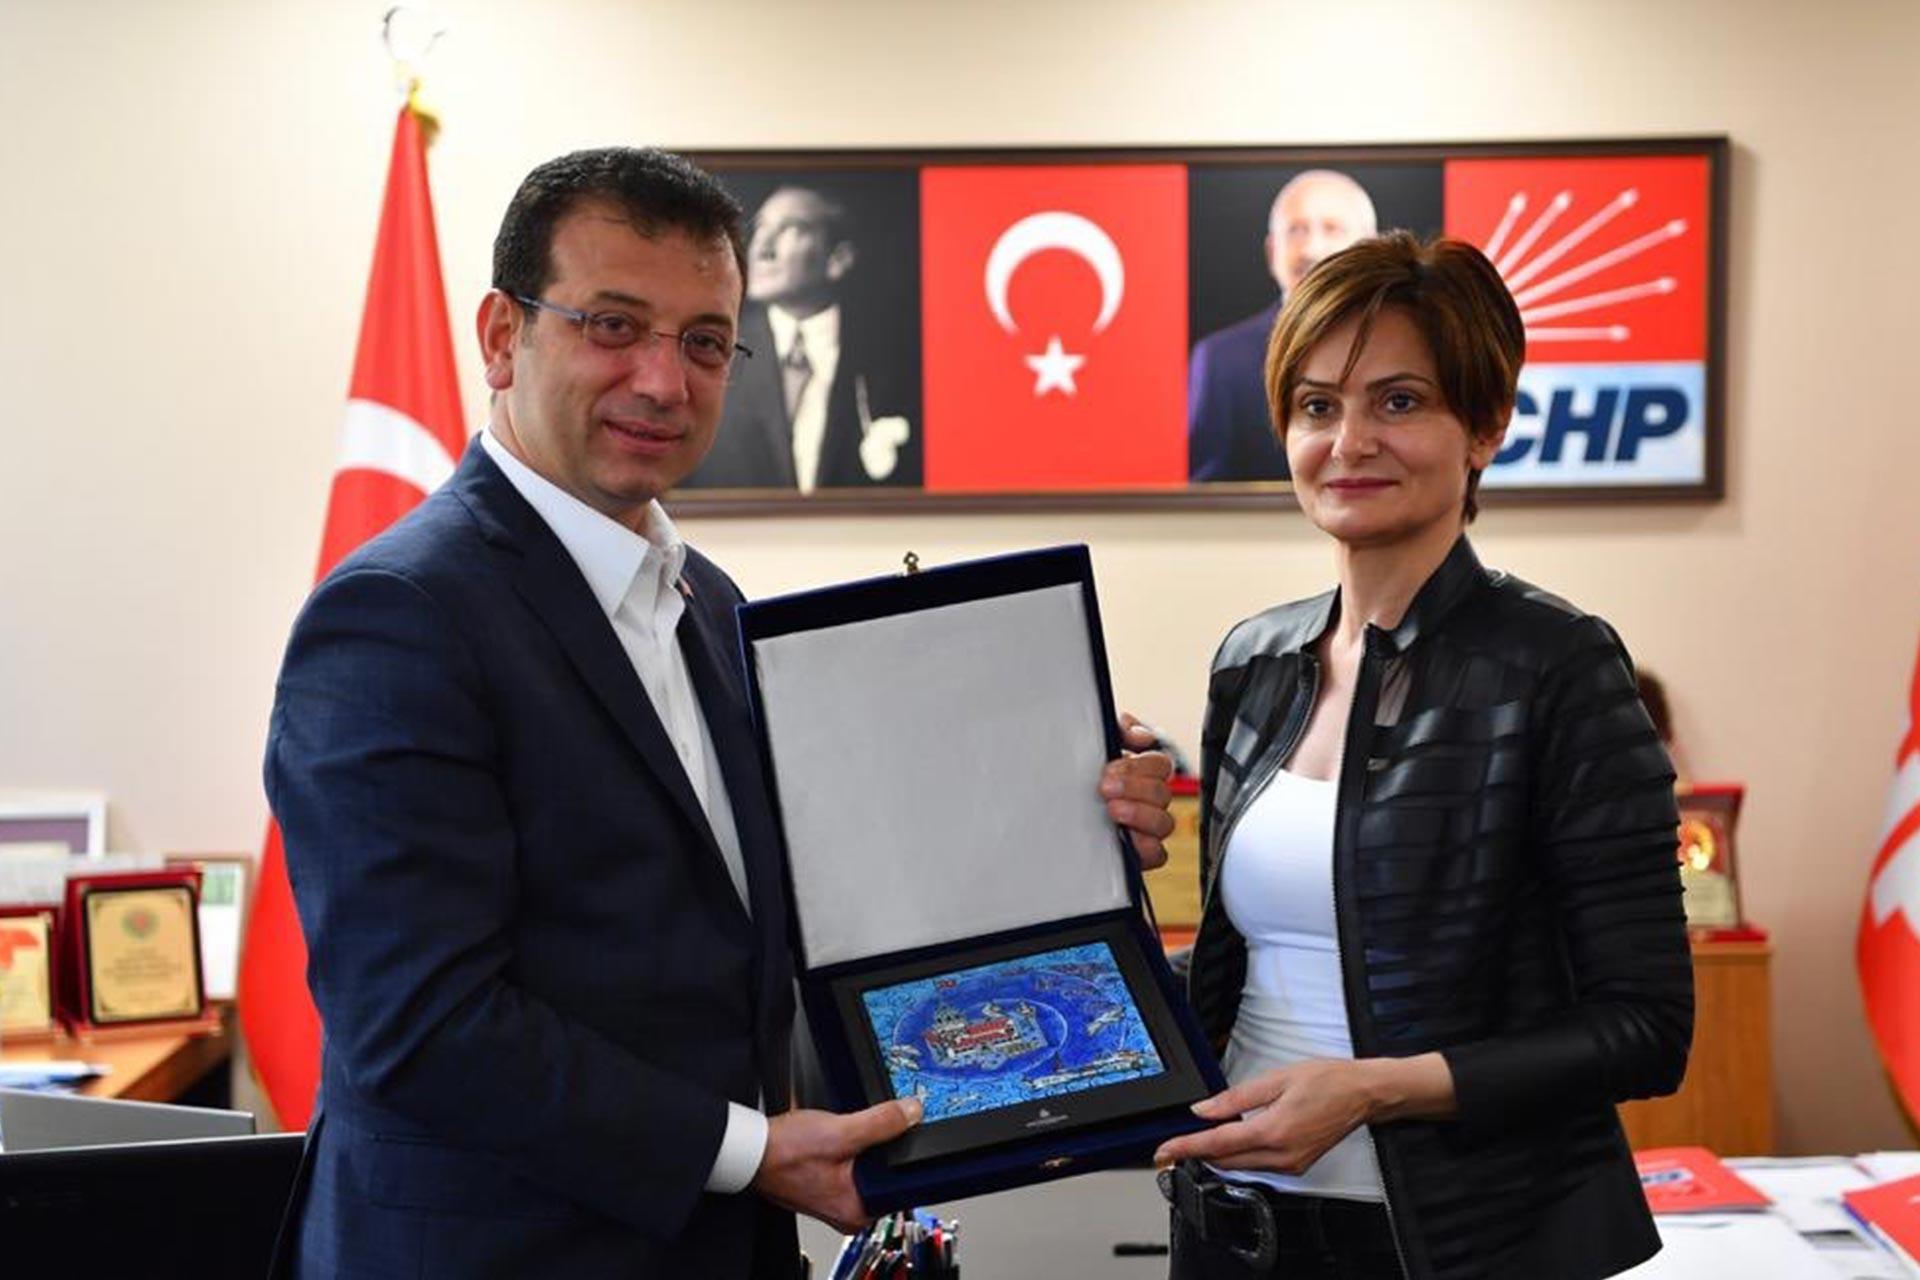 Canan Kaftancıoğlu, vatandaşlardan gelen kumbara ve zarfları Ekrem İmamoğlu'na verdi. İmamoğlu da Kaftancıoğlu'na Kız Kulesi'nin resmedildiği seramik tablo hediye etti.